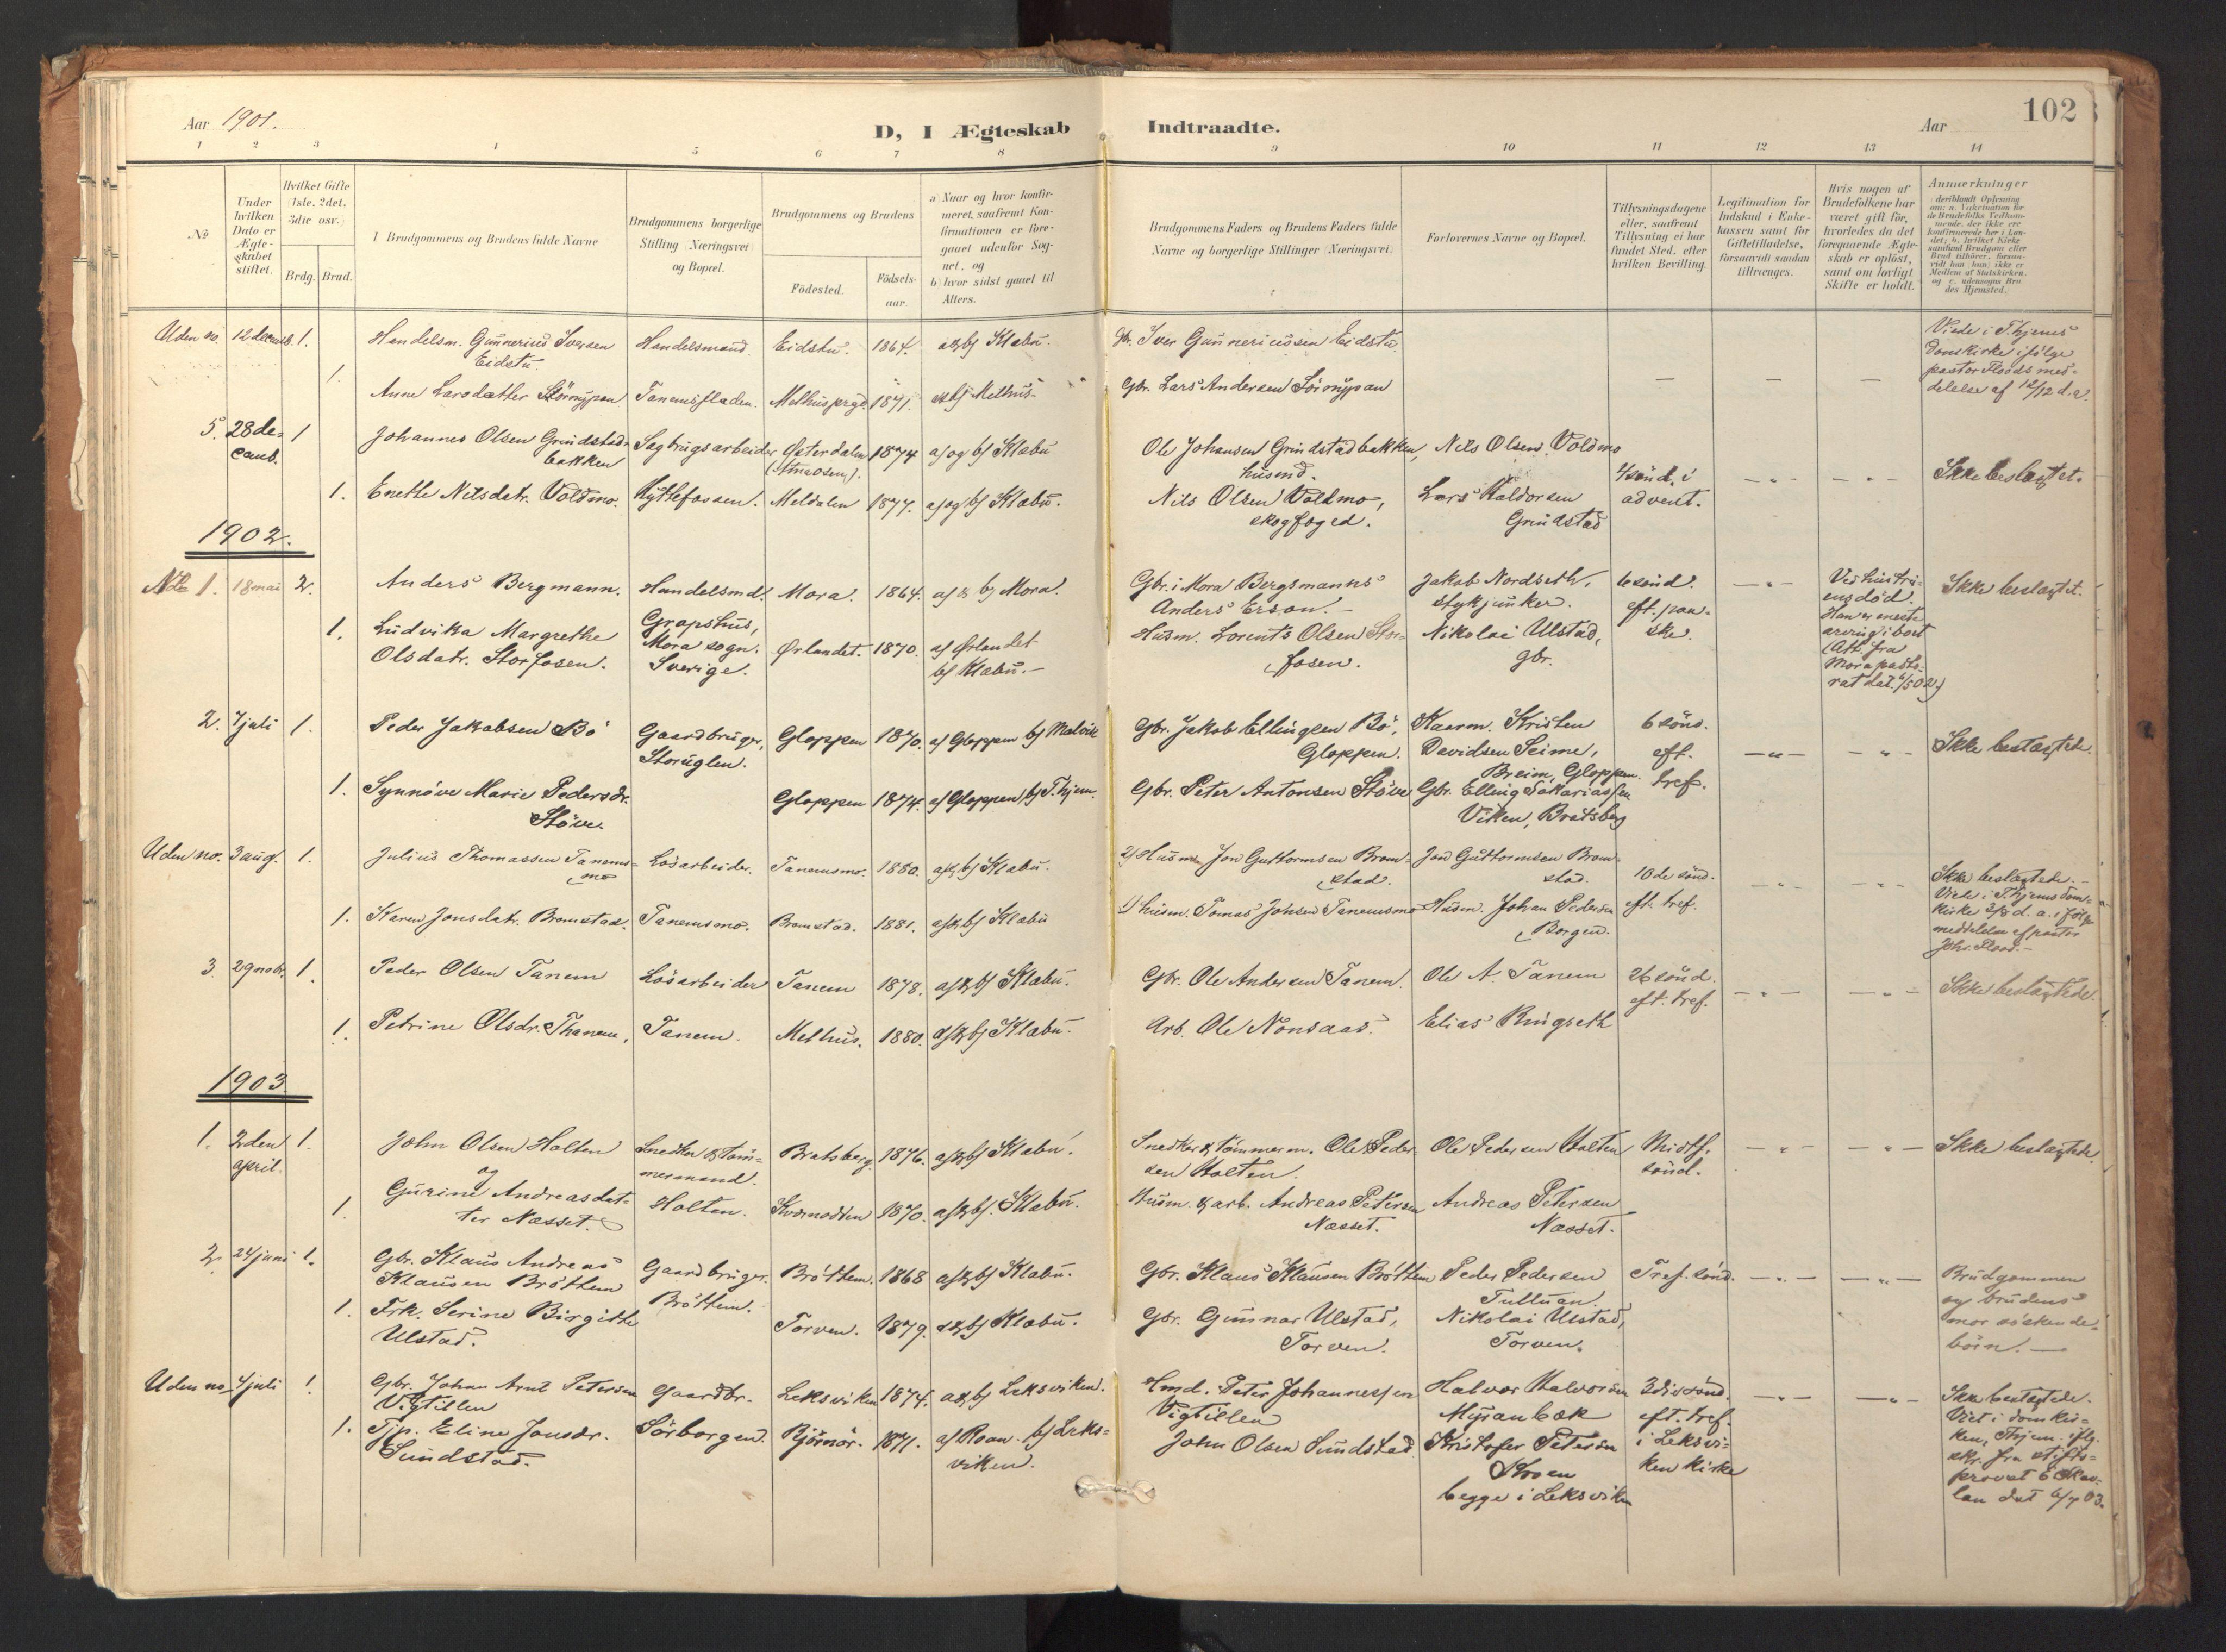 SAT, Ministerialprotokoller, klokkerbøker og fødselsregistre - Sør-Trøndelag, 618/L0448: Ministerialbok nr. 618A11, 1898-1916, s. 102